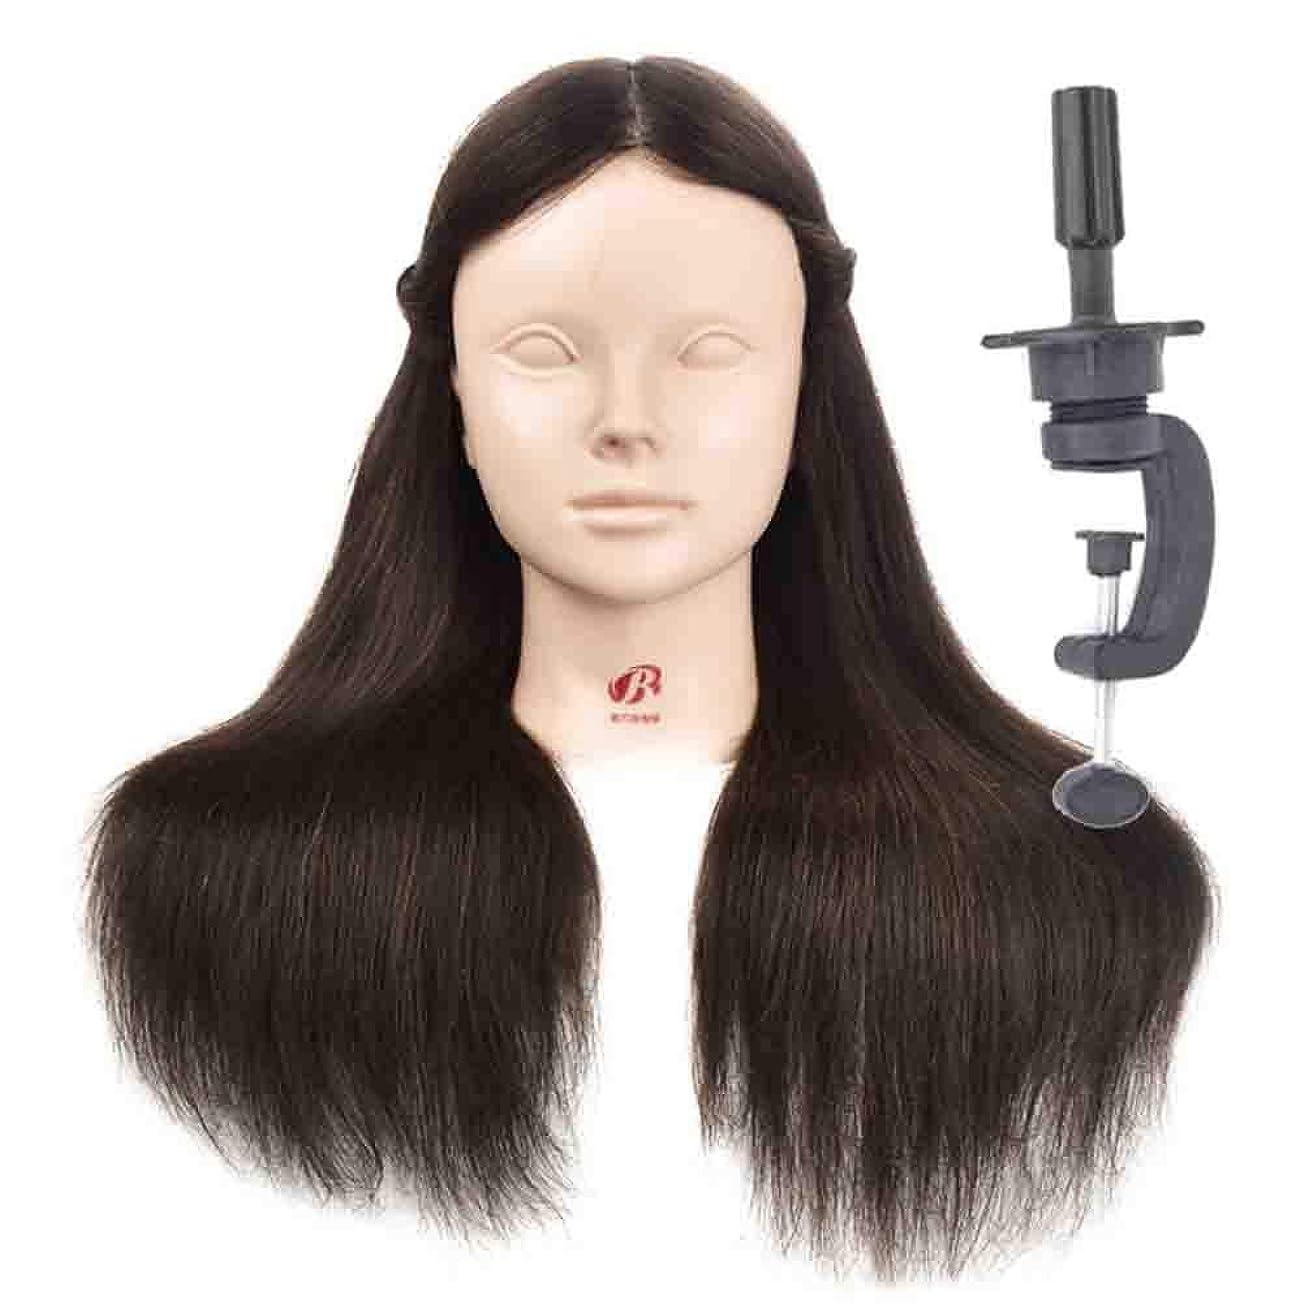 キャプション咳減少Makeup Modeling Learning Dummy Head Real Human Hair Practice Head Model Hair Salon Model Head Can be Hot Dyed